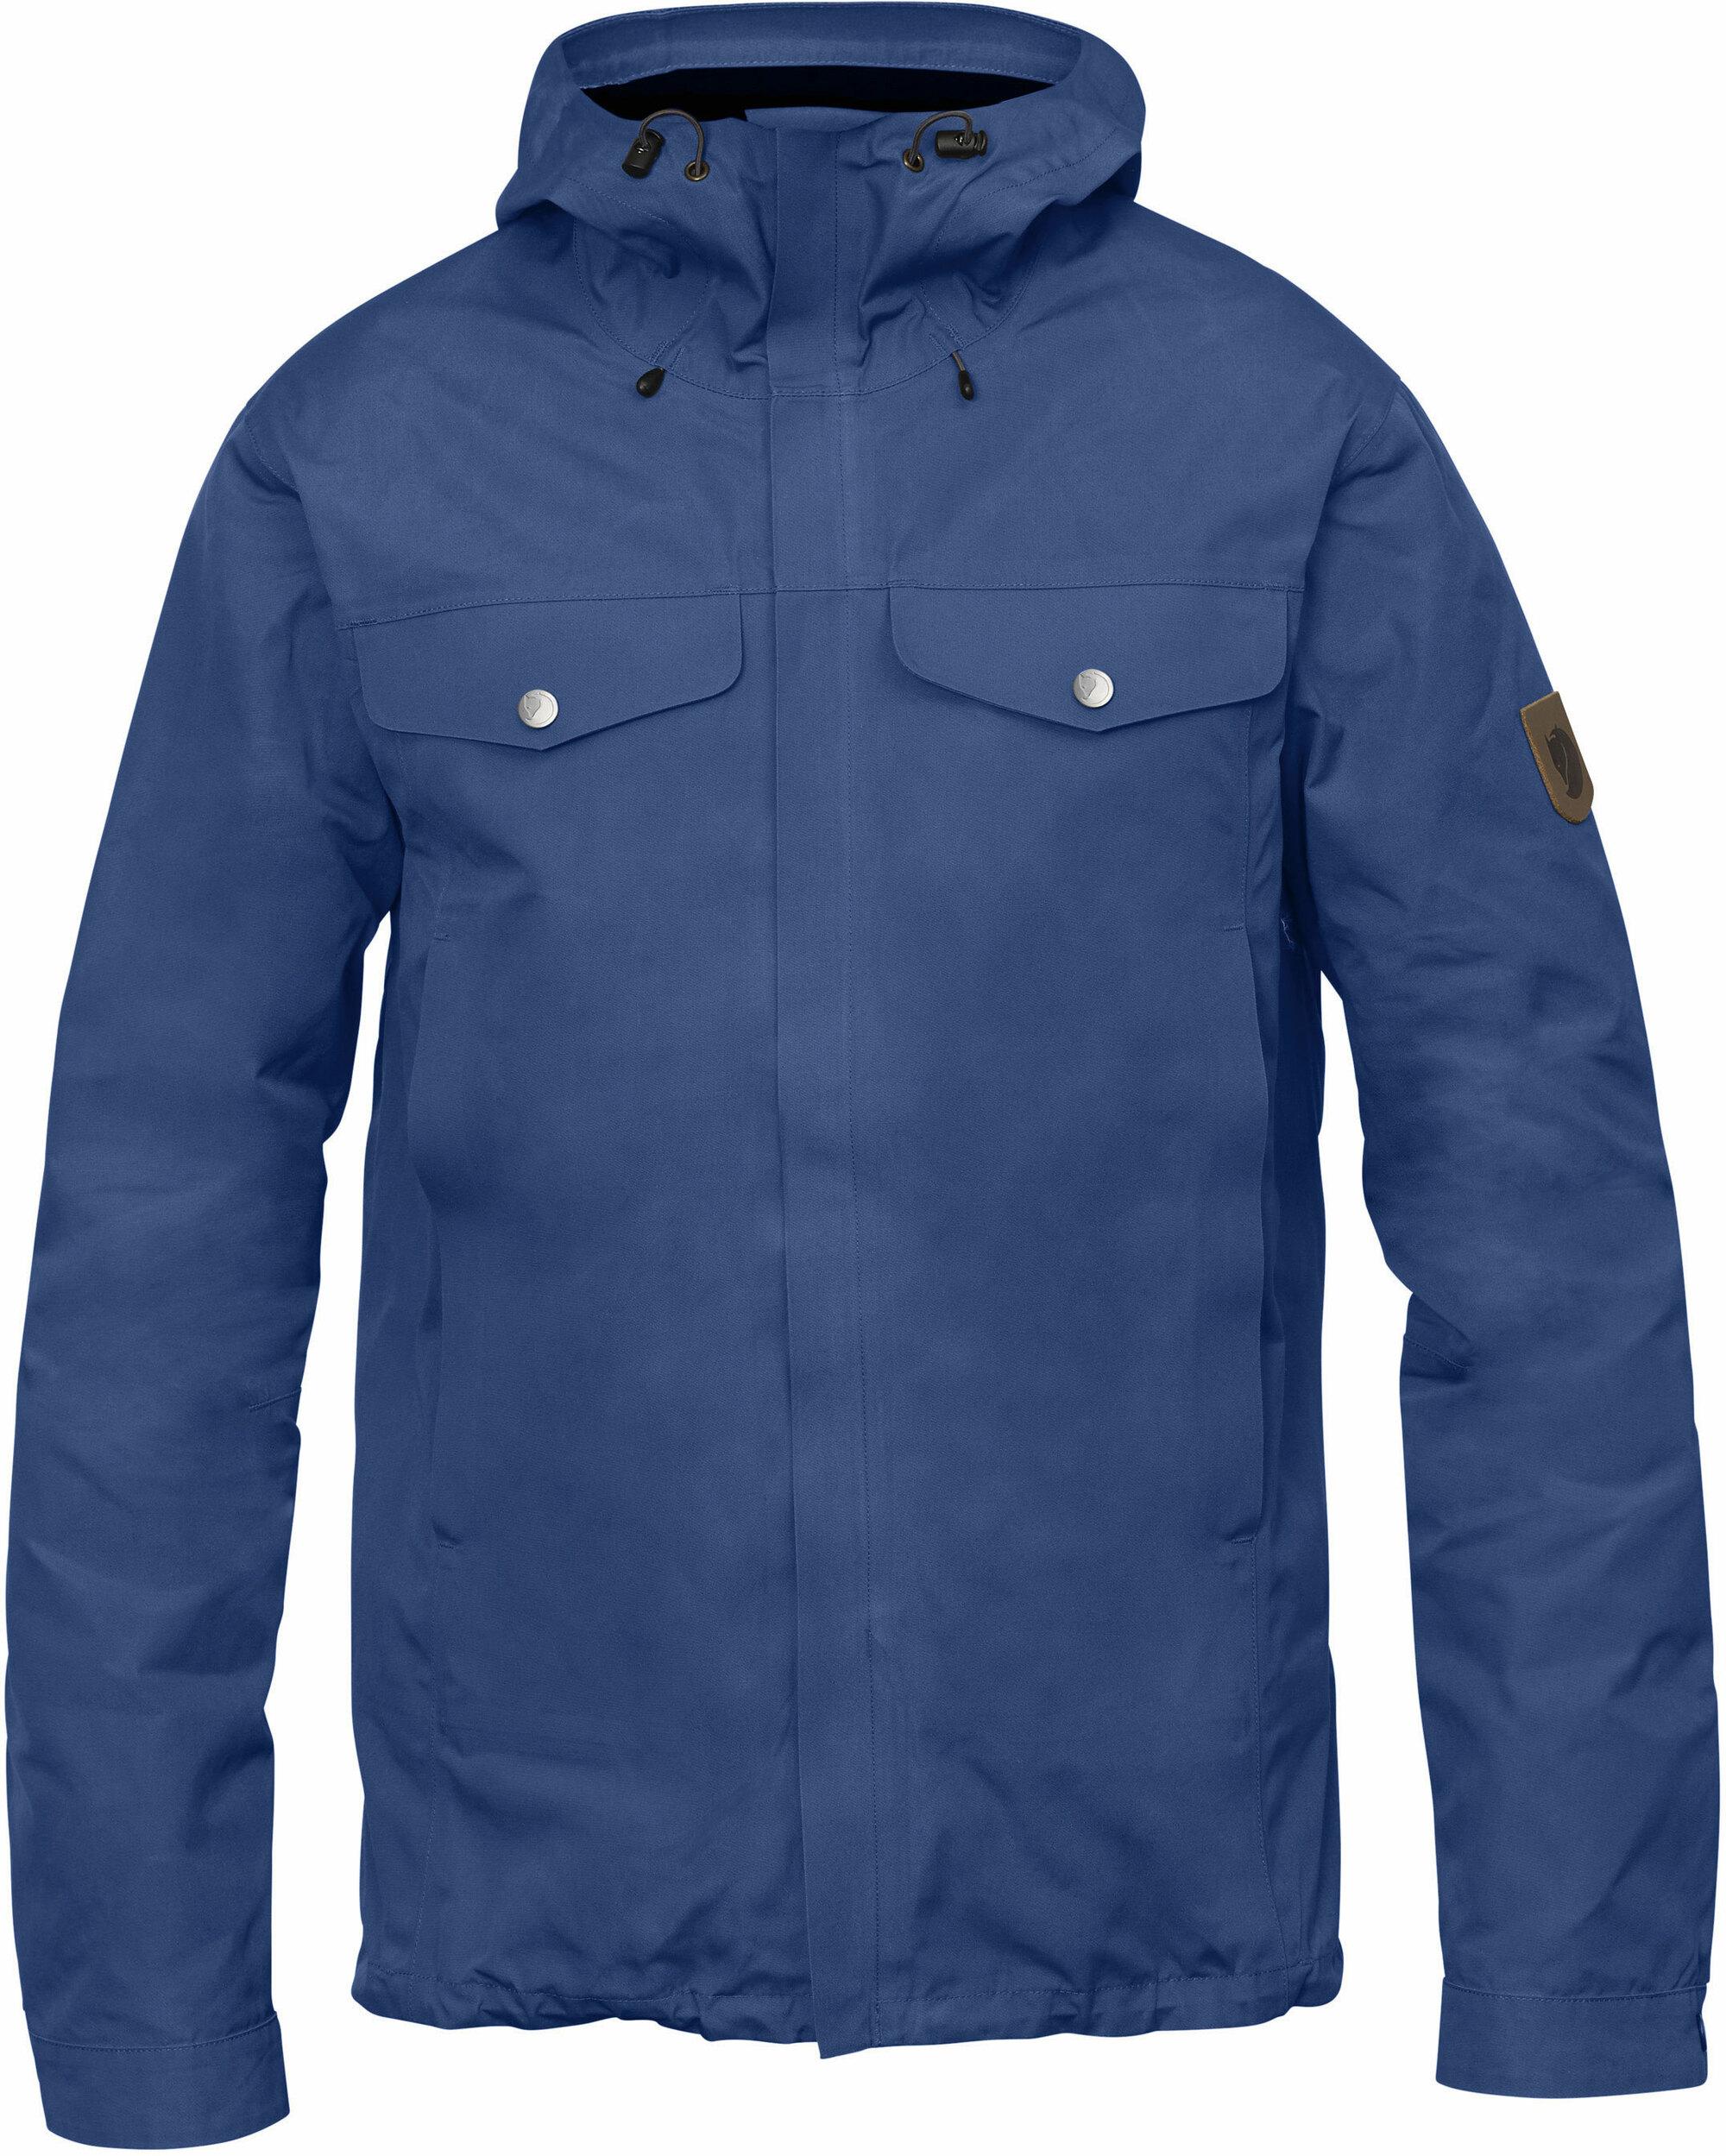 Fjällräven Greenland Half Century jacket